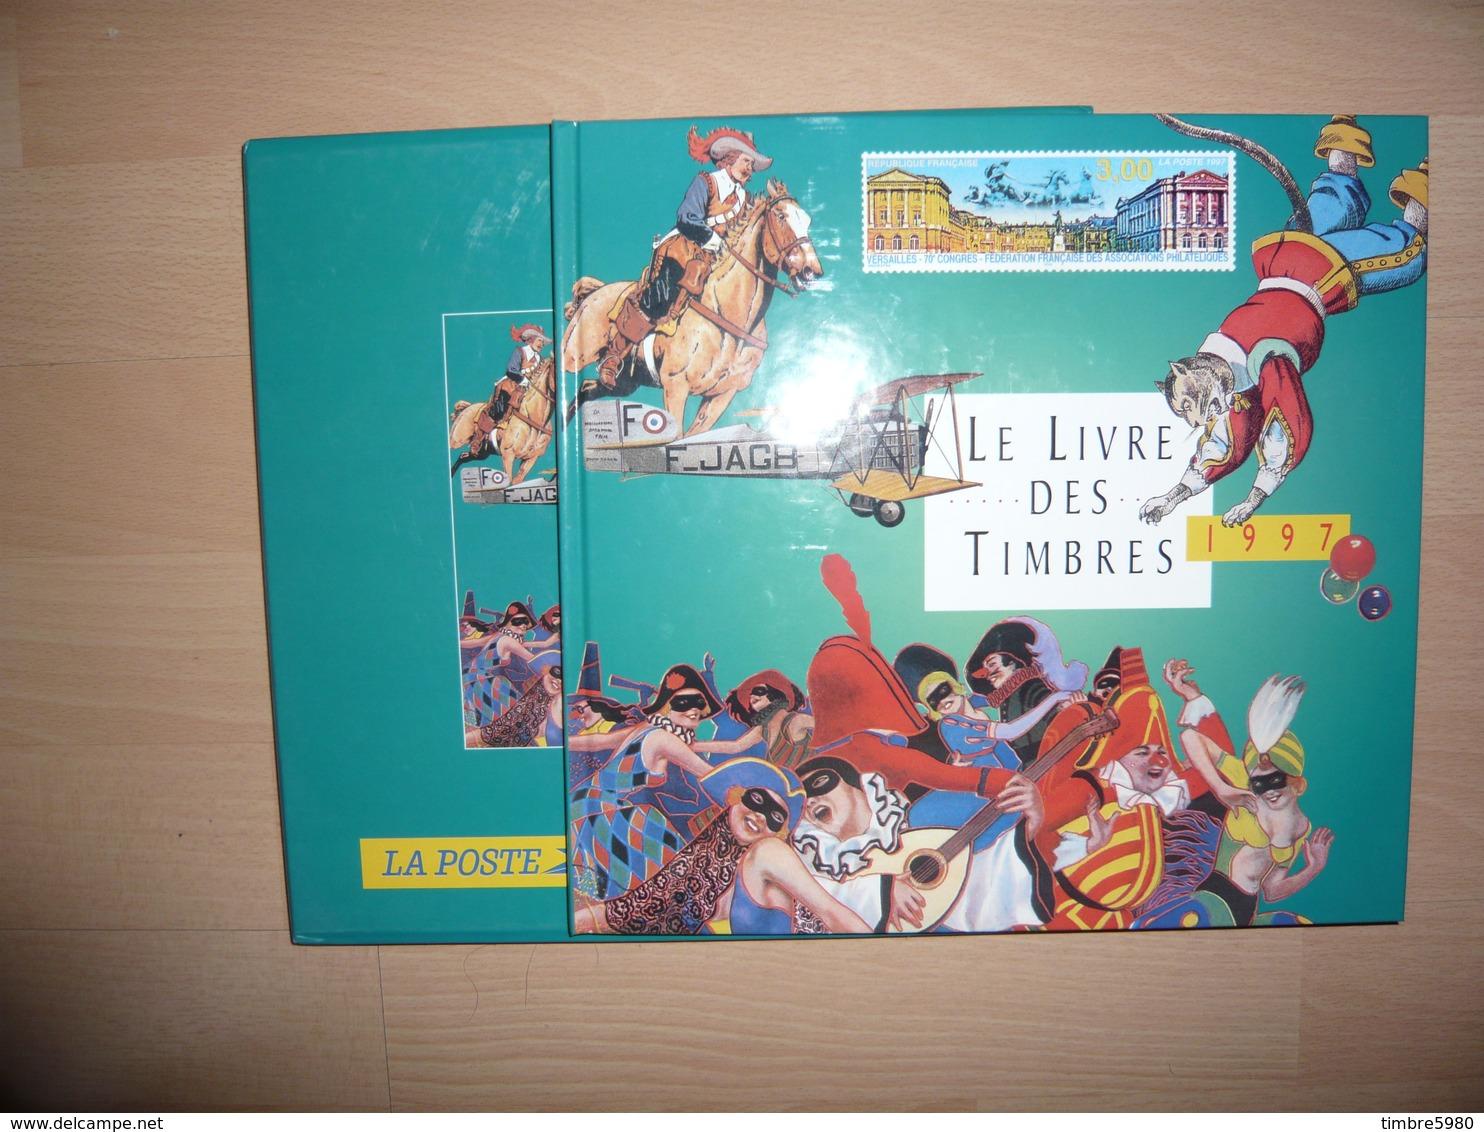 LE LIVRE DES TIMBRES FRANCE 1997 COMPLET - Autres Livres